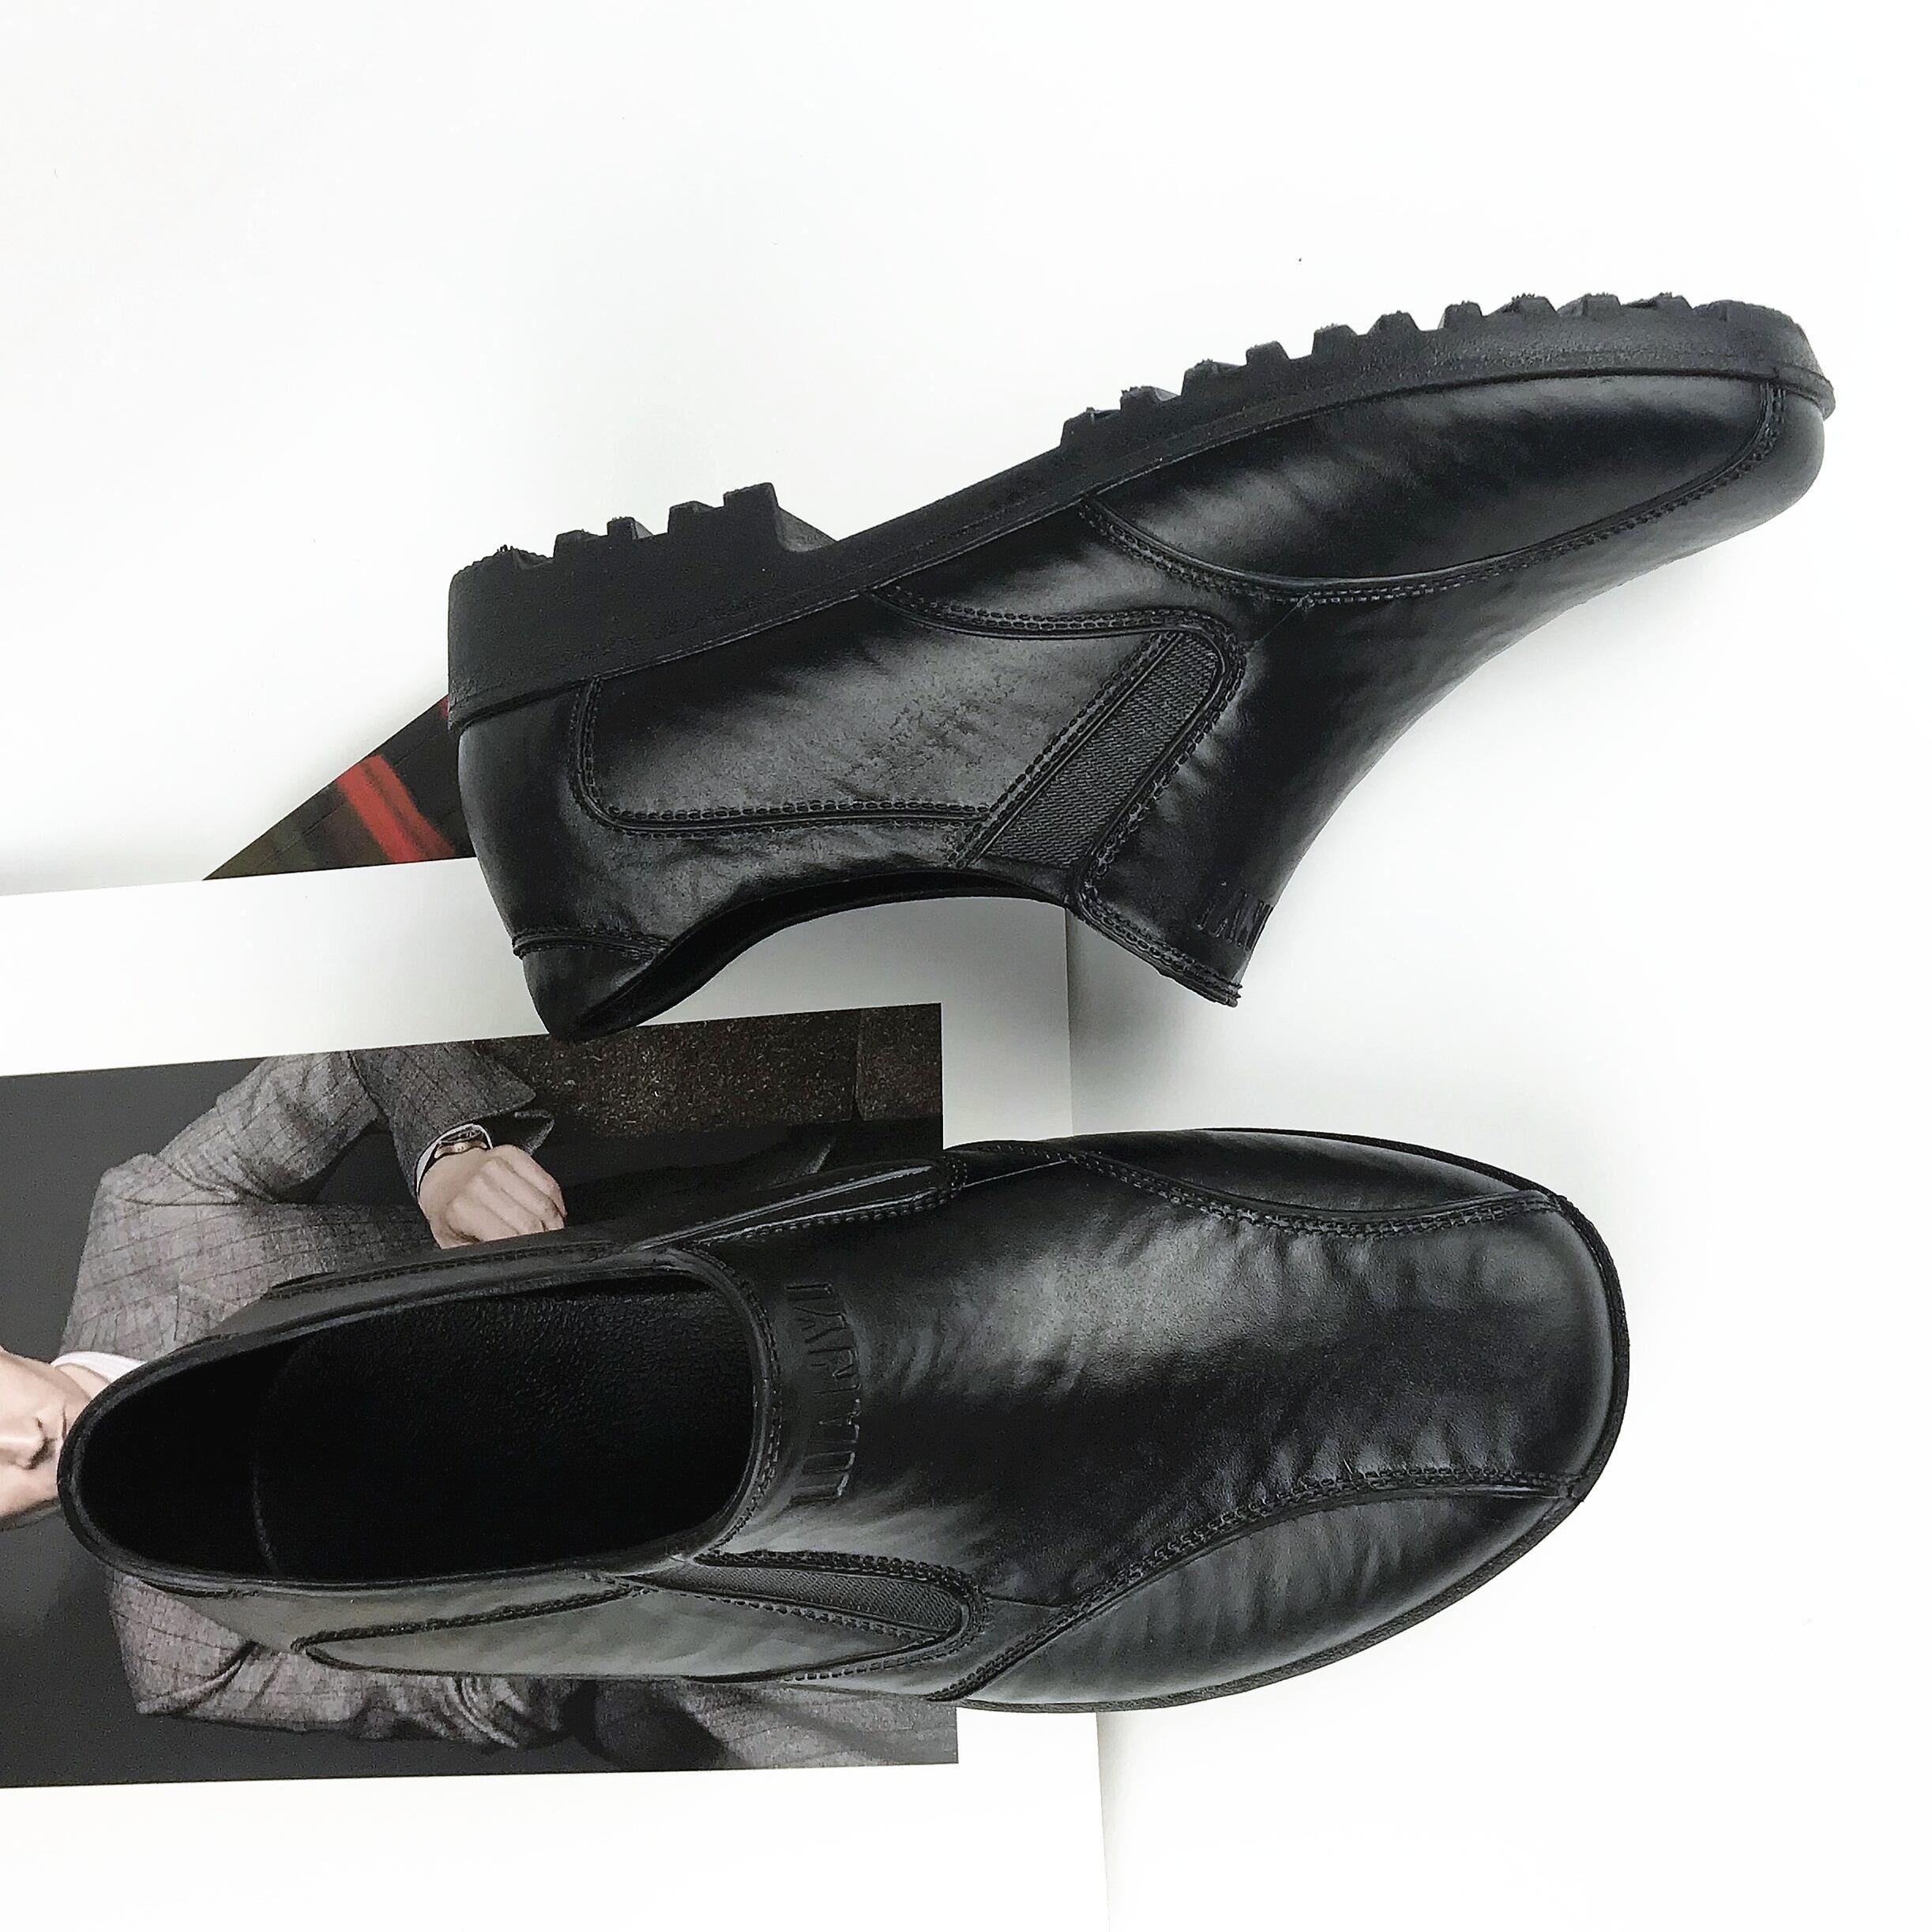 雨の靴の男性の夏季は低いです。カジュアル労働者のために、通気性と滑り止めの仕事をしています。